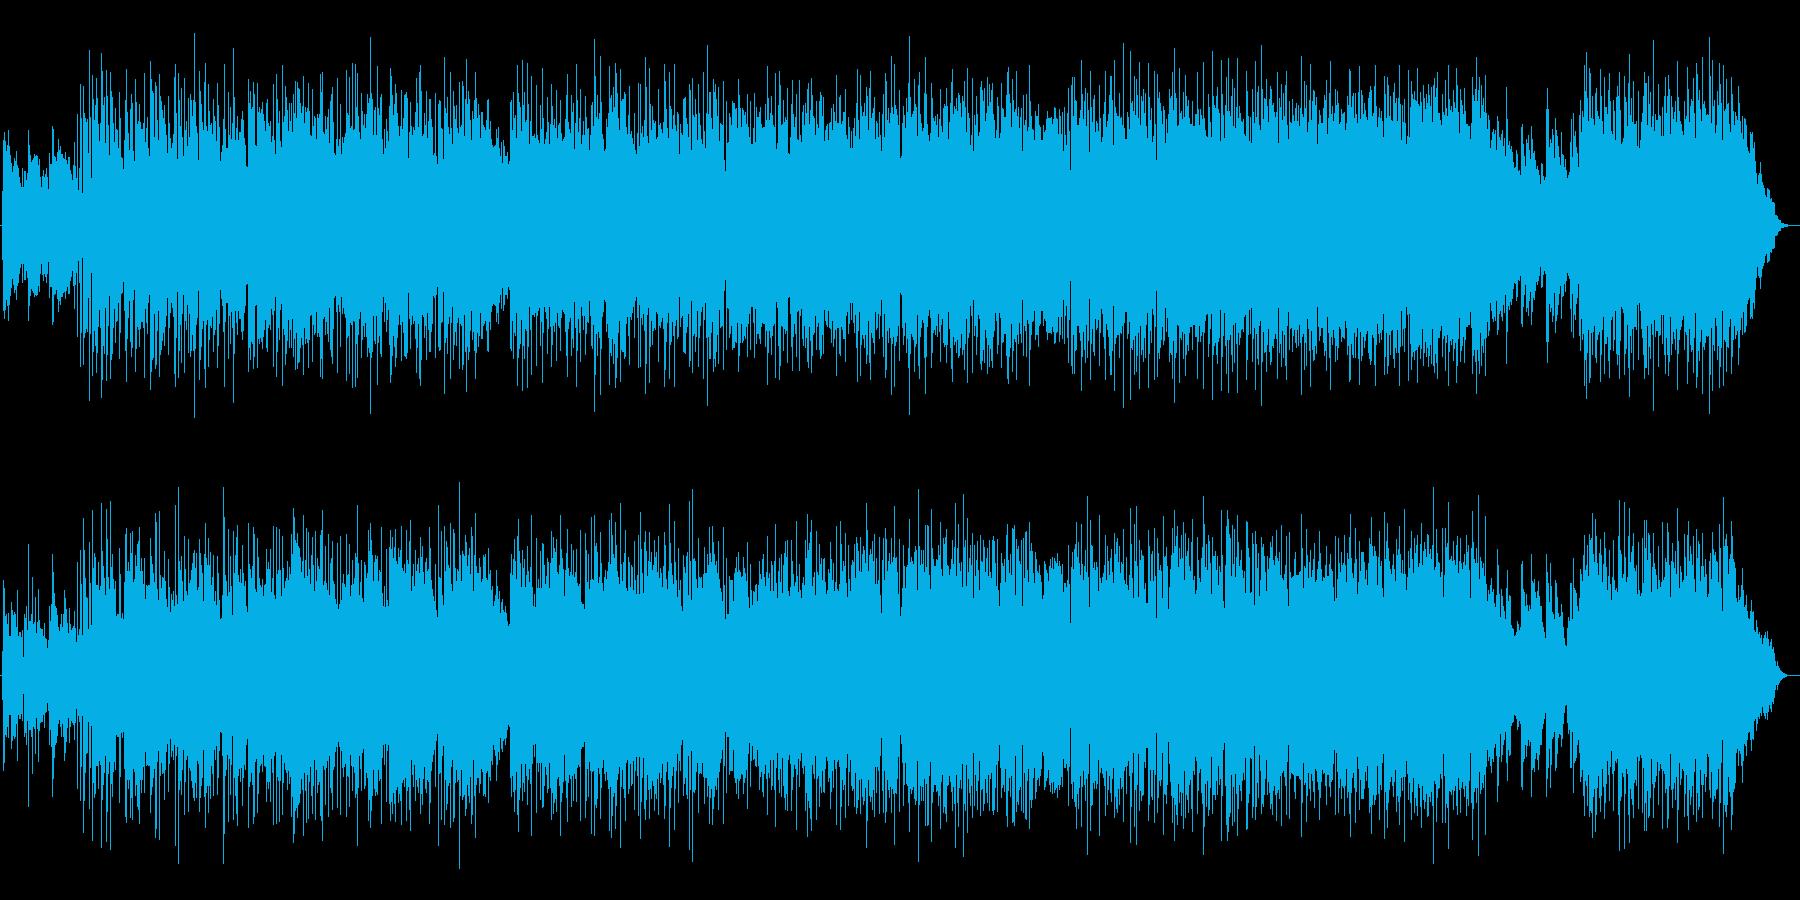 キラキラとしたアコギのイージーリスニングの再生済みの波形